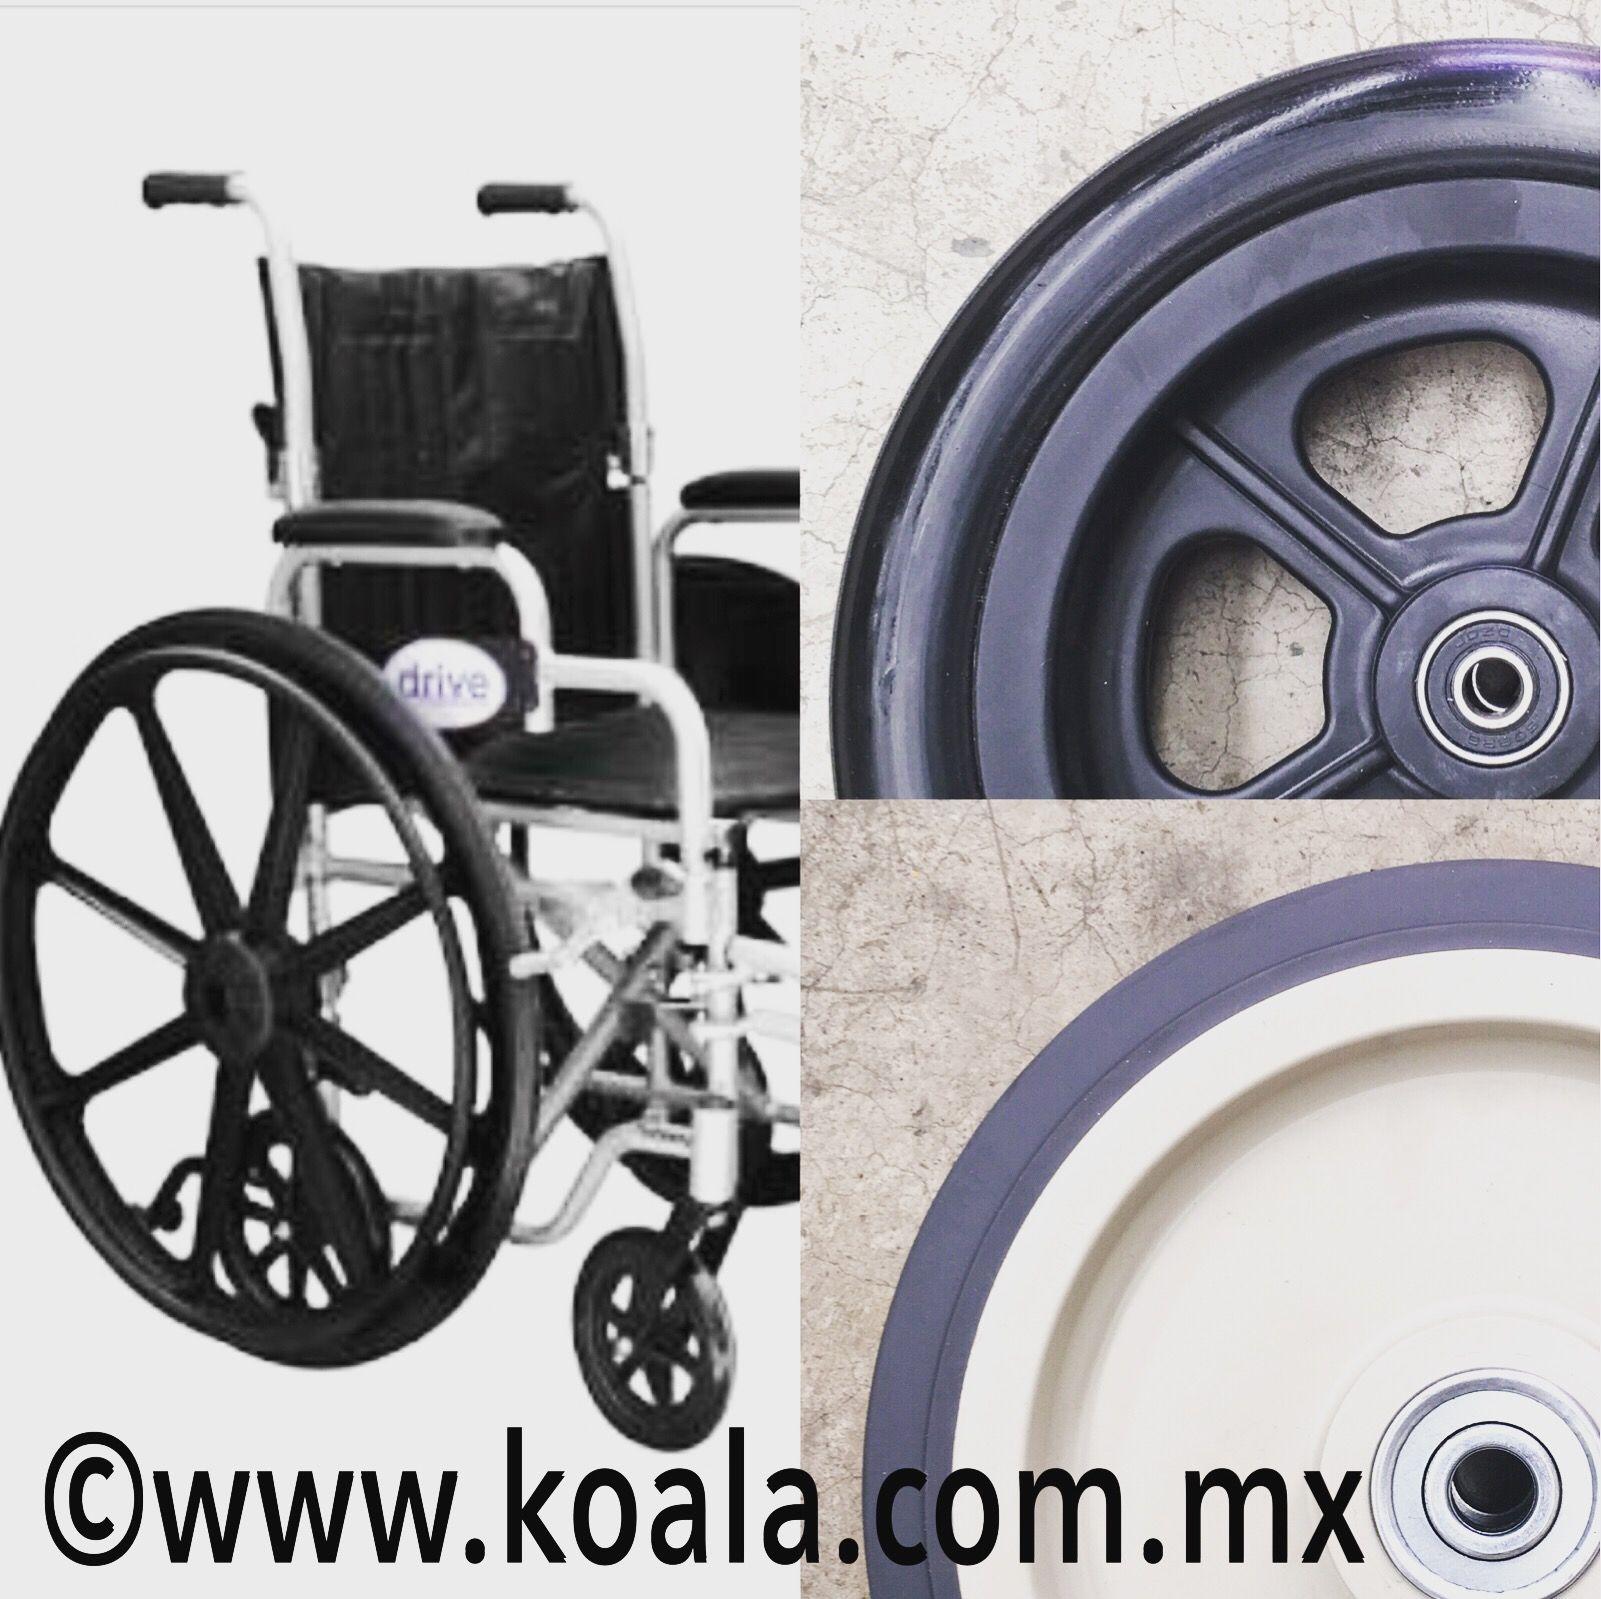 silla de ruedas koala